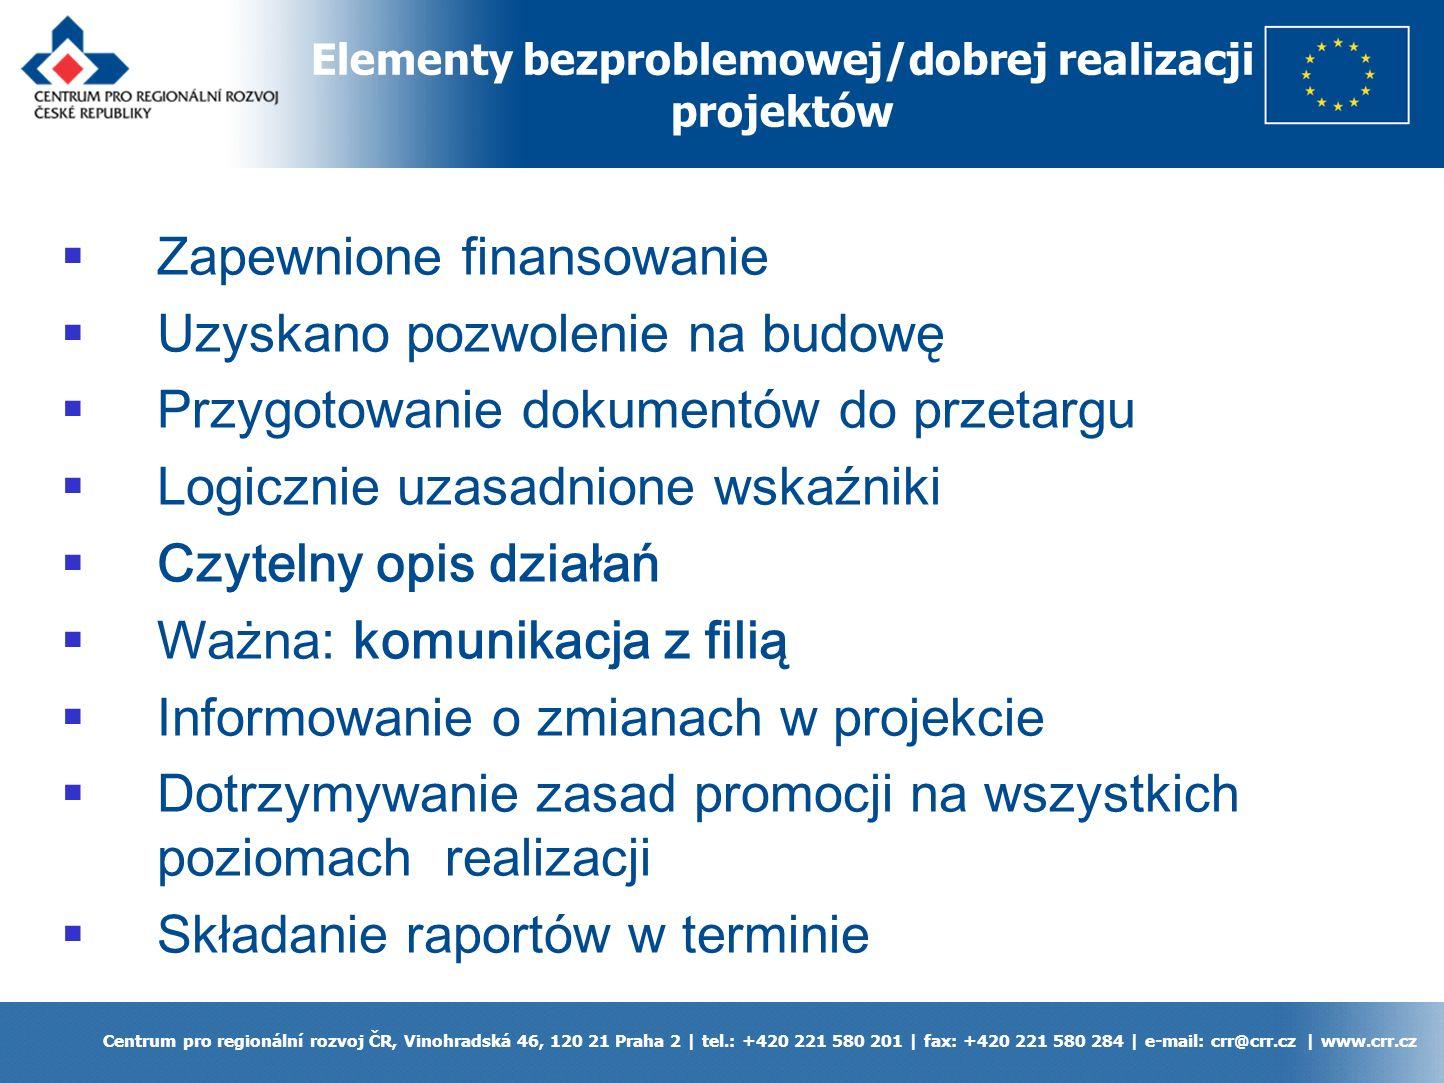 Centrum pro regionální rozvoj ČR, Vinohradská 46, 120 21 Praha 2   tel.: +420 221 580 201   fax: +420 221 580 284   e-mail: crr@crr.cz   www.crr.cz Szybka reakcja na uwagi pokontrolne Koszty: udokumentowane, bezpośrednio związane z projektem, zaplanowane, ceny realne nie ceny umowne (dodatkowa dokumentacja) Dobre: składanie dokumentów na bieżąco Elementy bezproblemowej/dobrej realizacji projektów